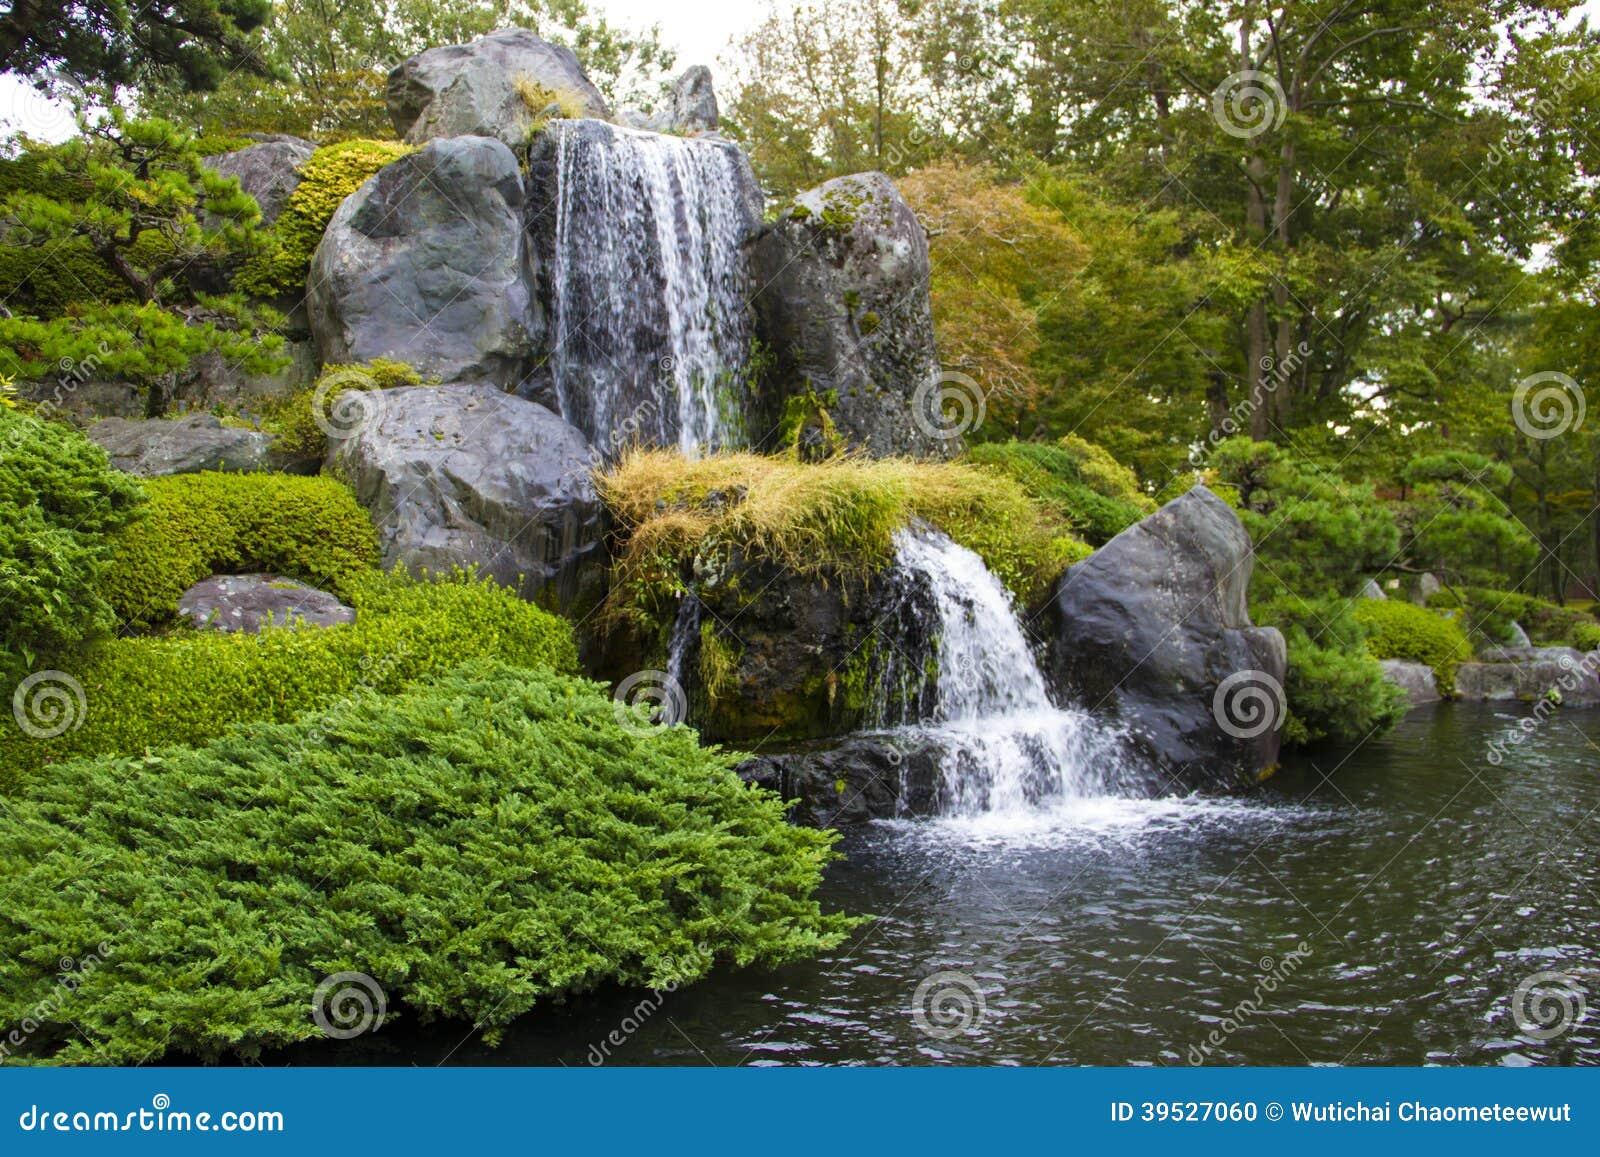 Wasserfall Im Garten wasserfall in garten stockfoto. bild von reinheit, ahornholz - 39527060